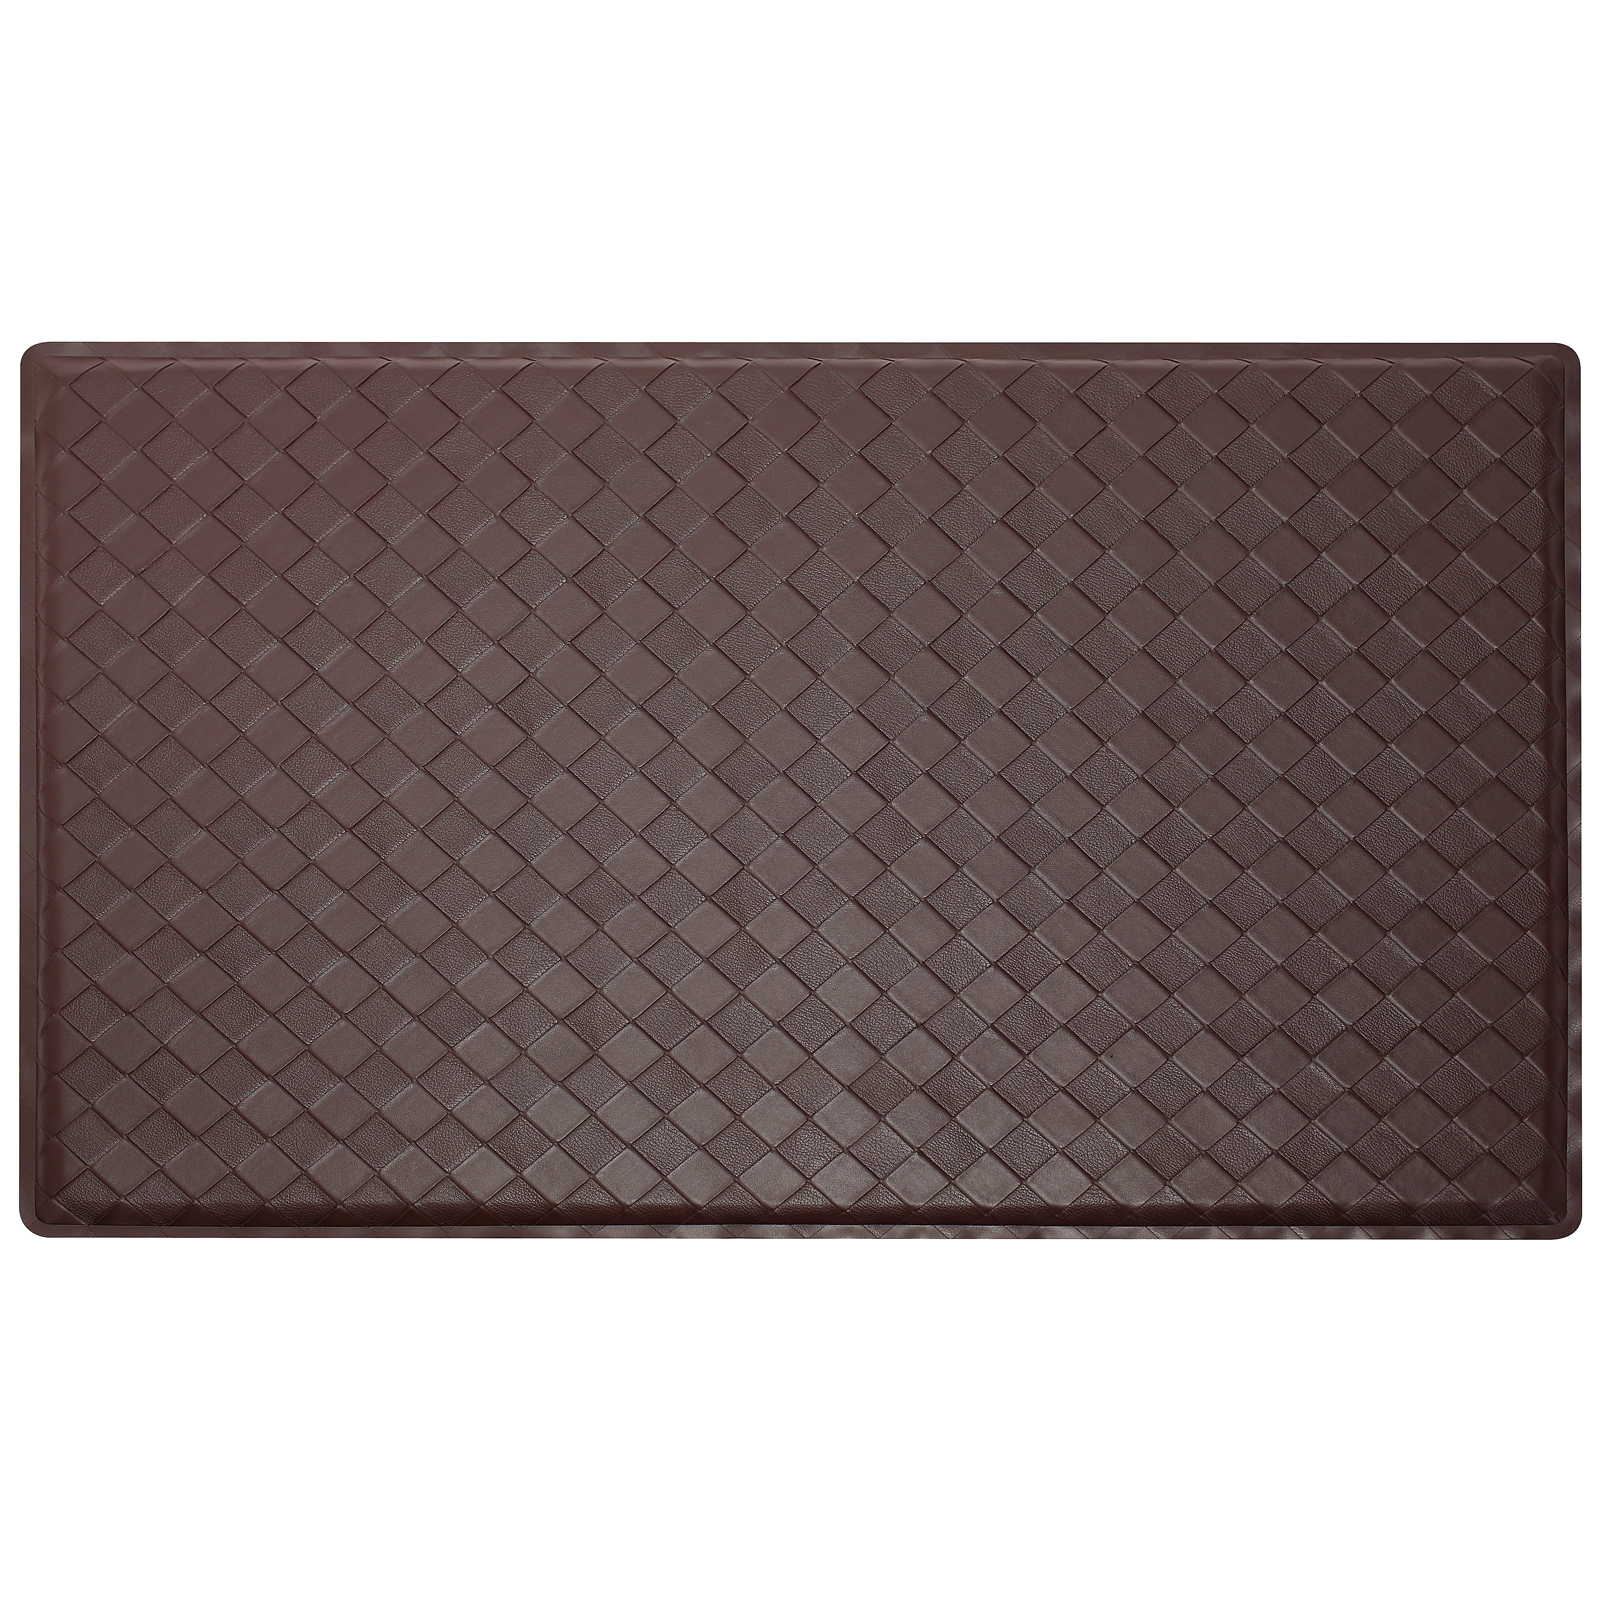 2 39 X 3 39 Modern Anti Fatigue Kitchen Floor Mat Rug Basket Weave Ebay